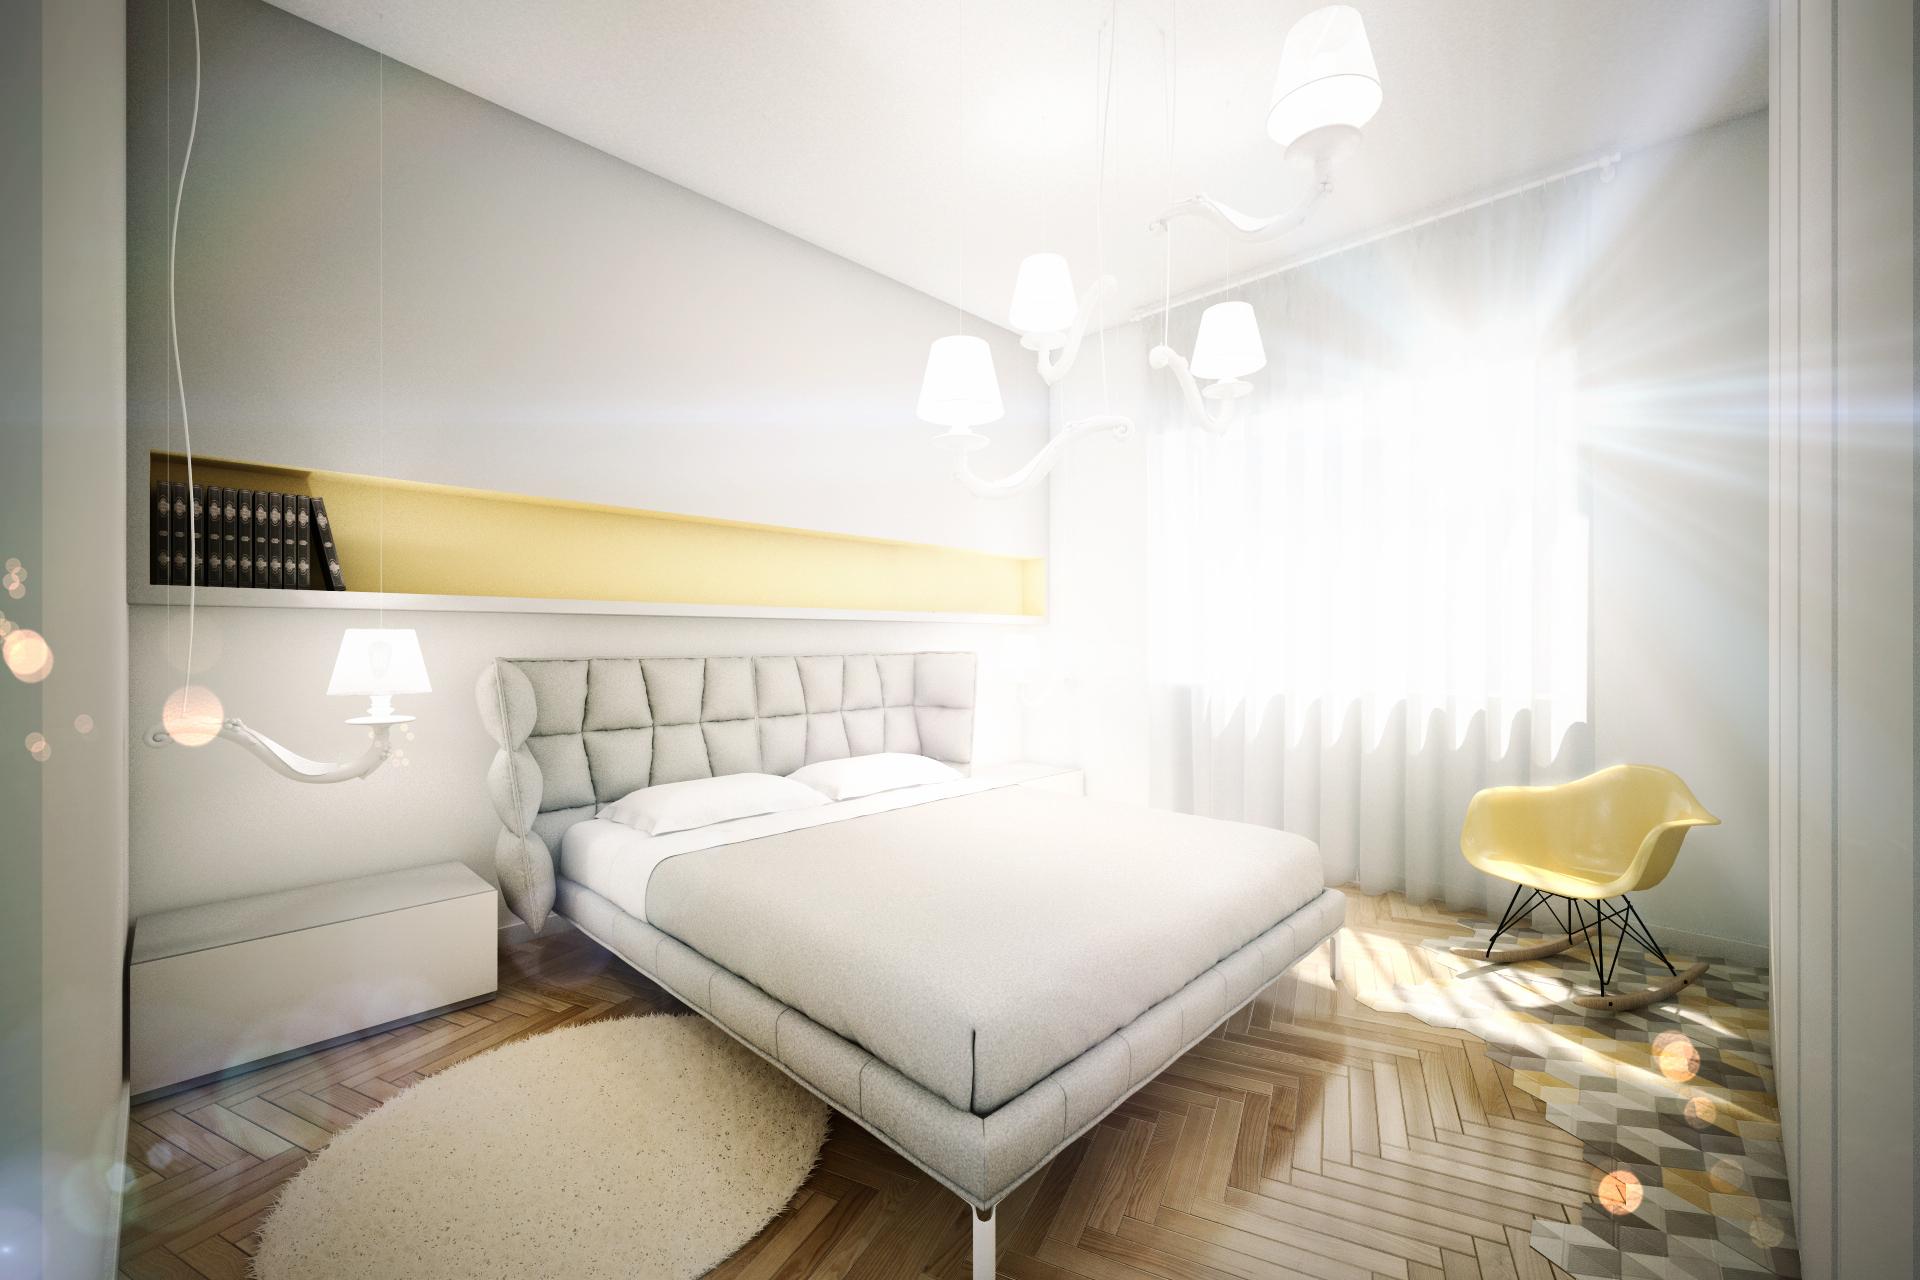 Дизайн квартиры в пастельных тонах: спальня